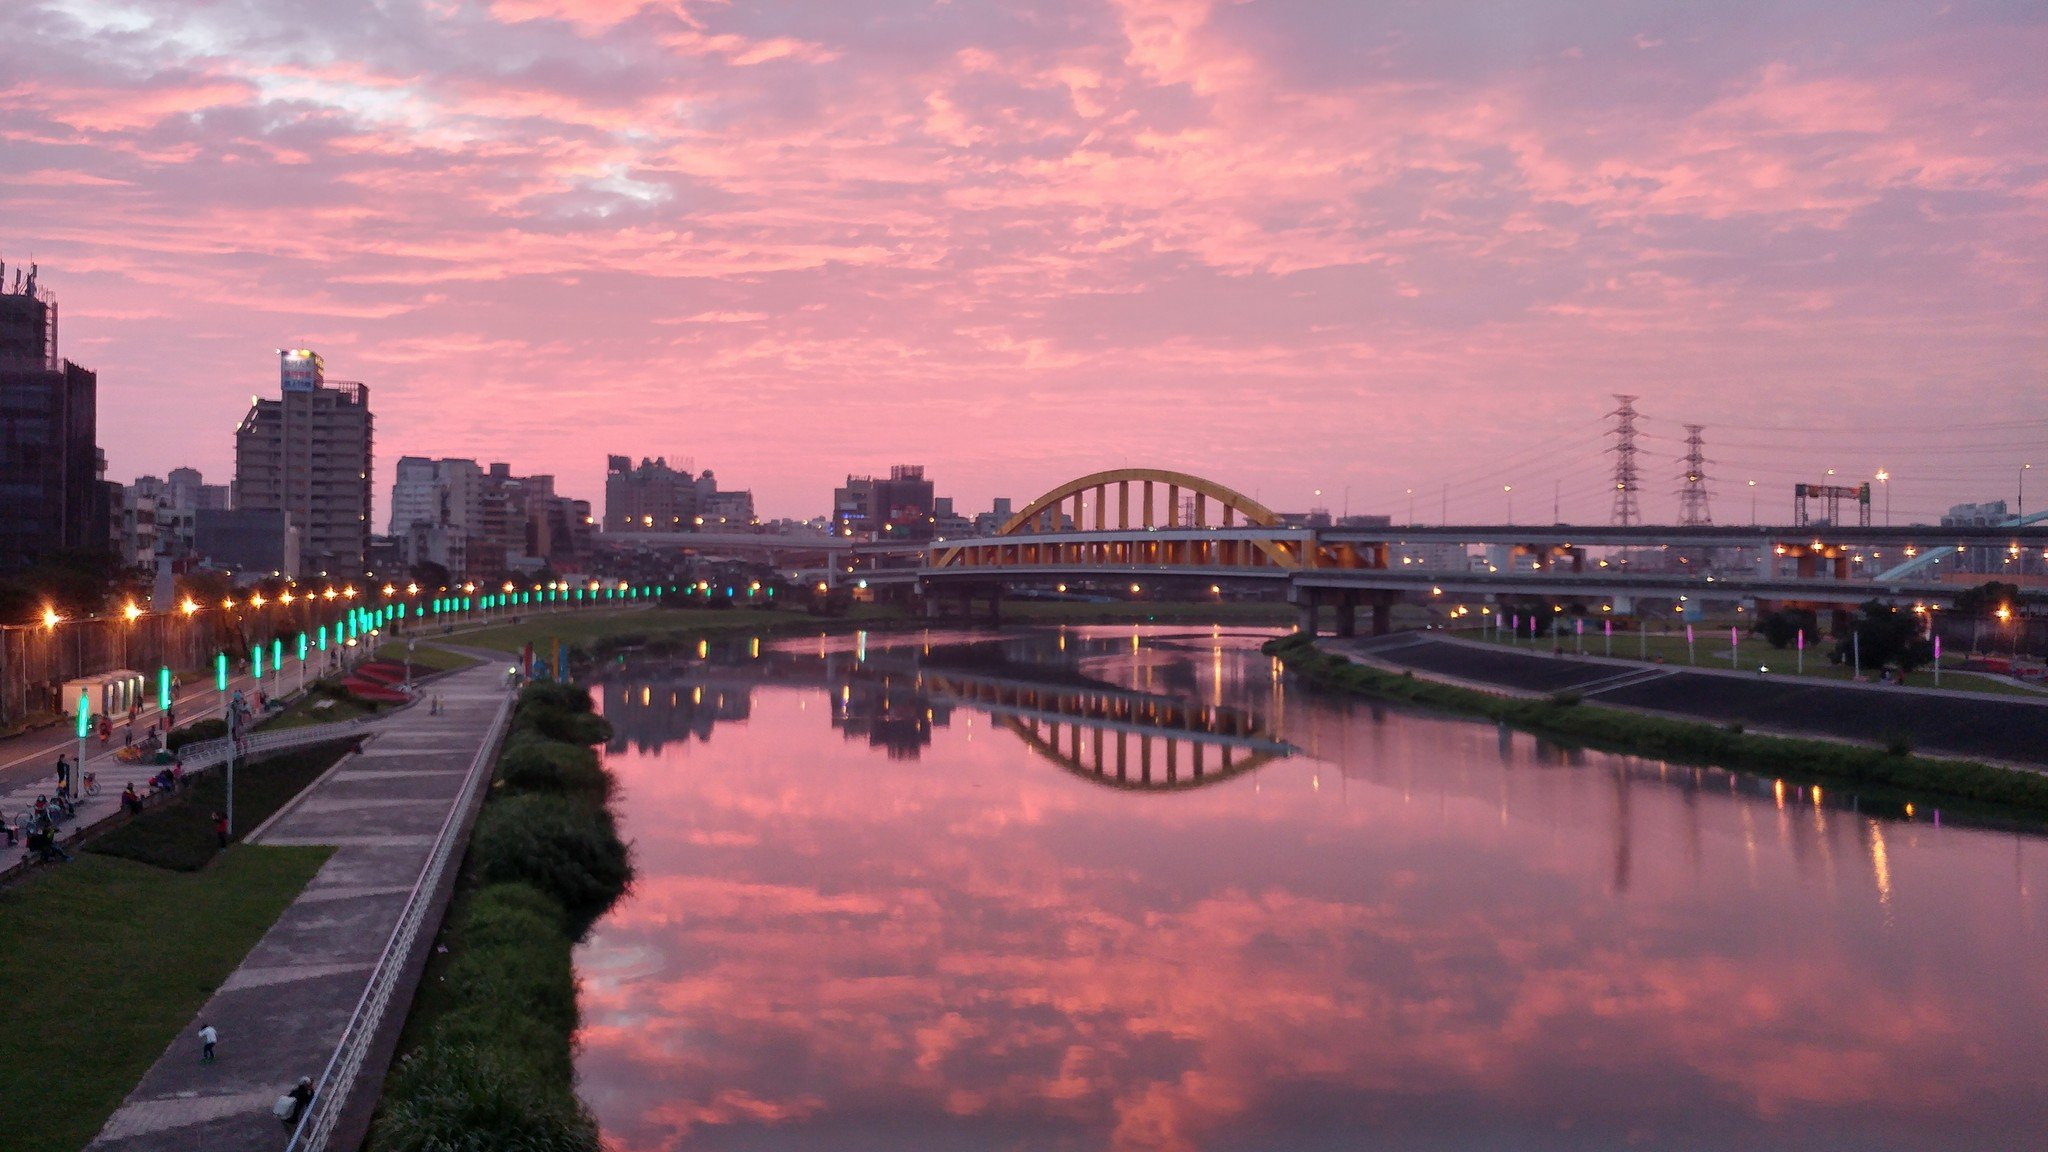 彩虹橋的夕照